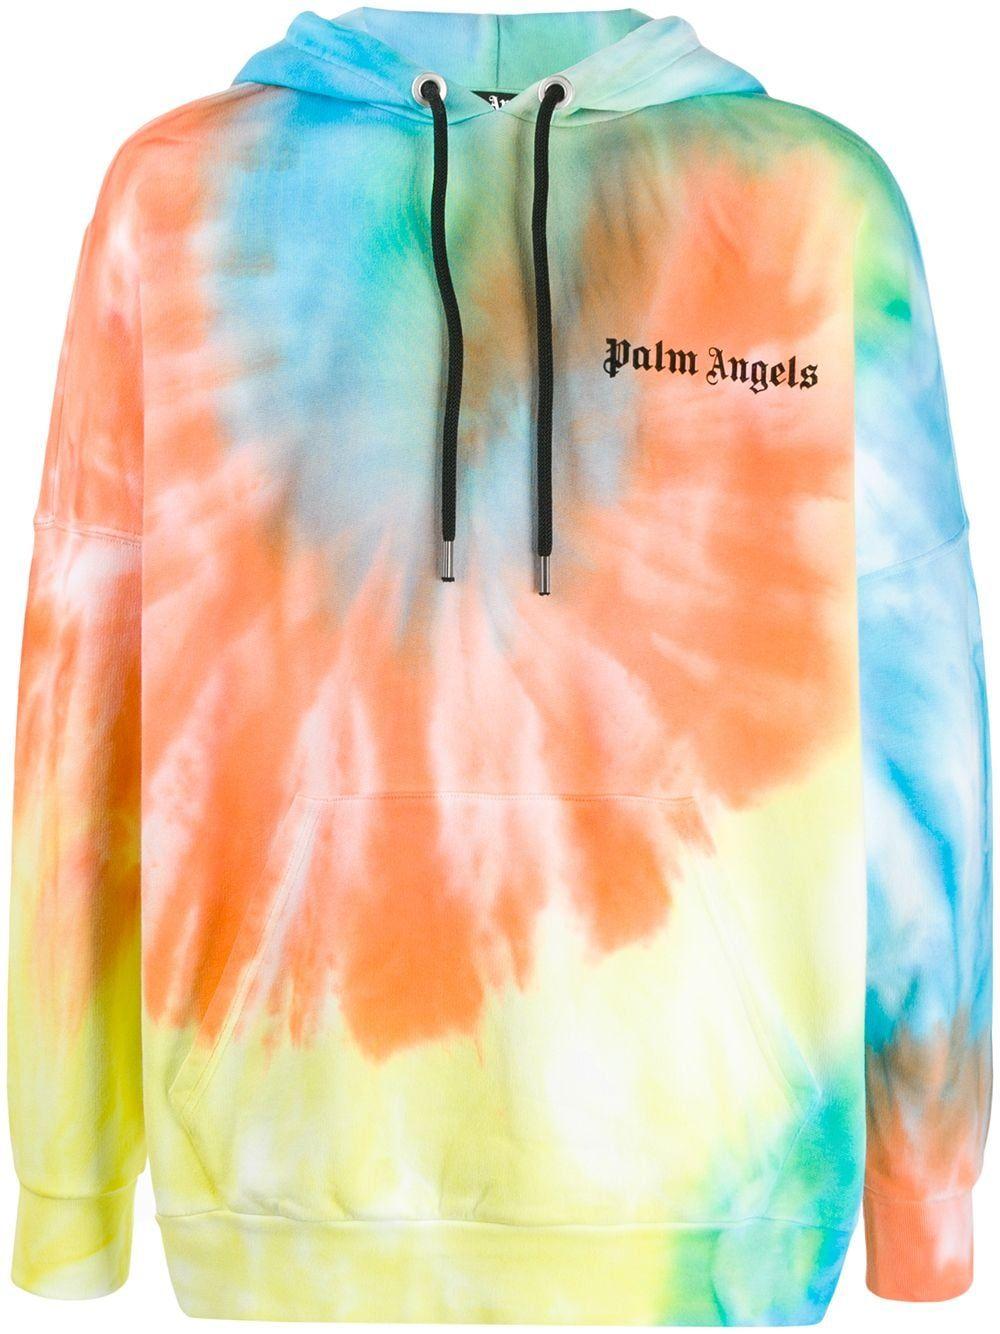 Palm Angels Tie Dye Logo Print Cotton Hoodie Farfetch Tie Dye Tie Dye Outfits Tie Dye Shirts [ 1334 x 1000 Pixel ]